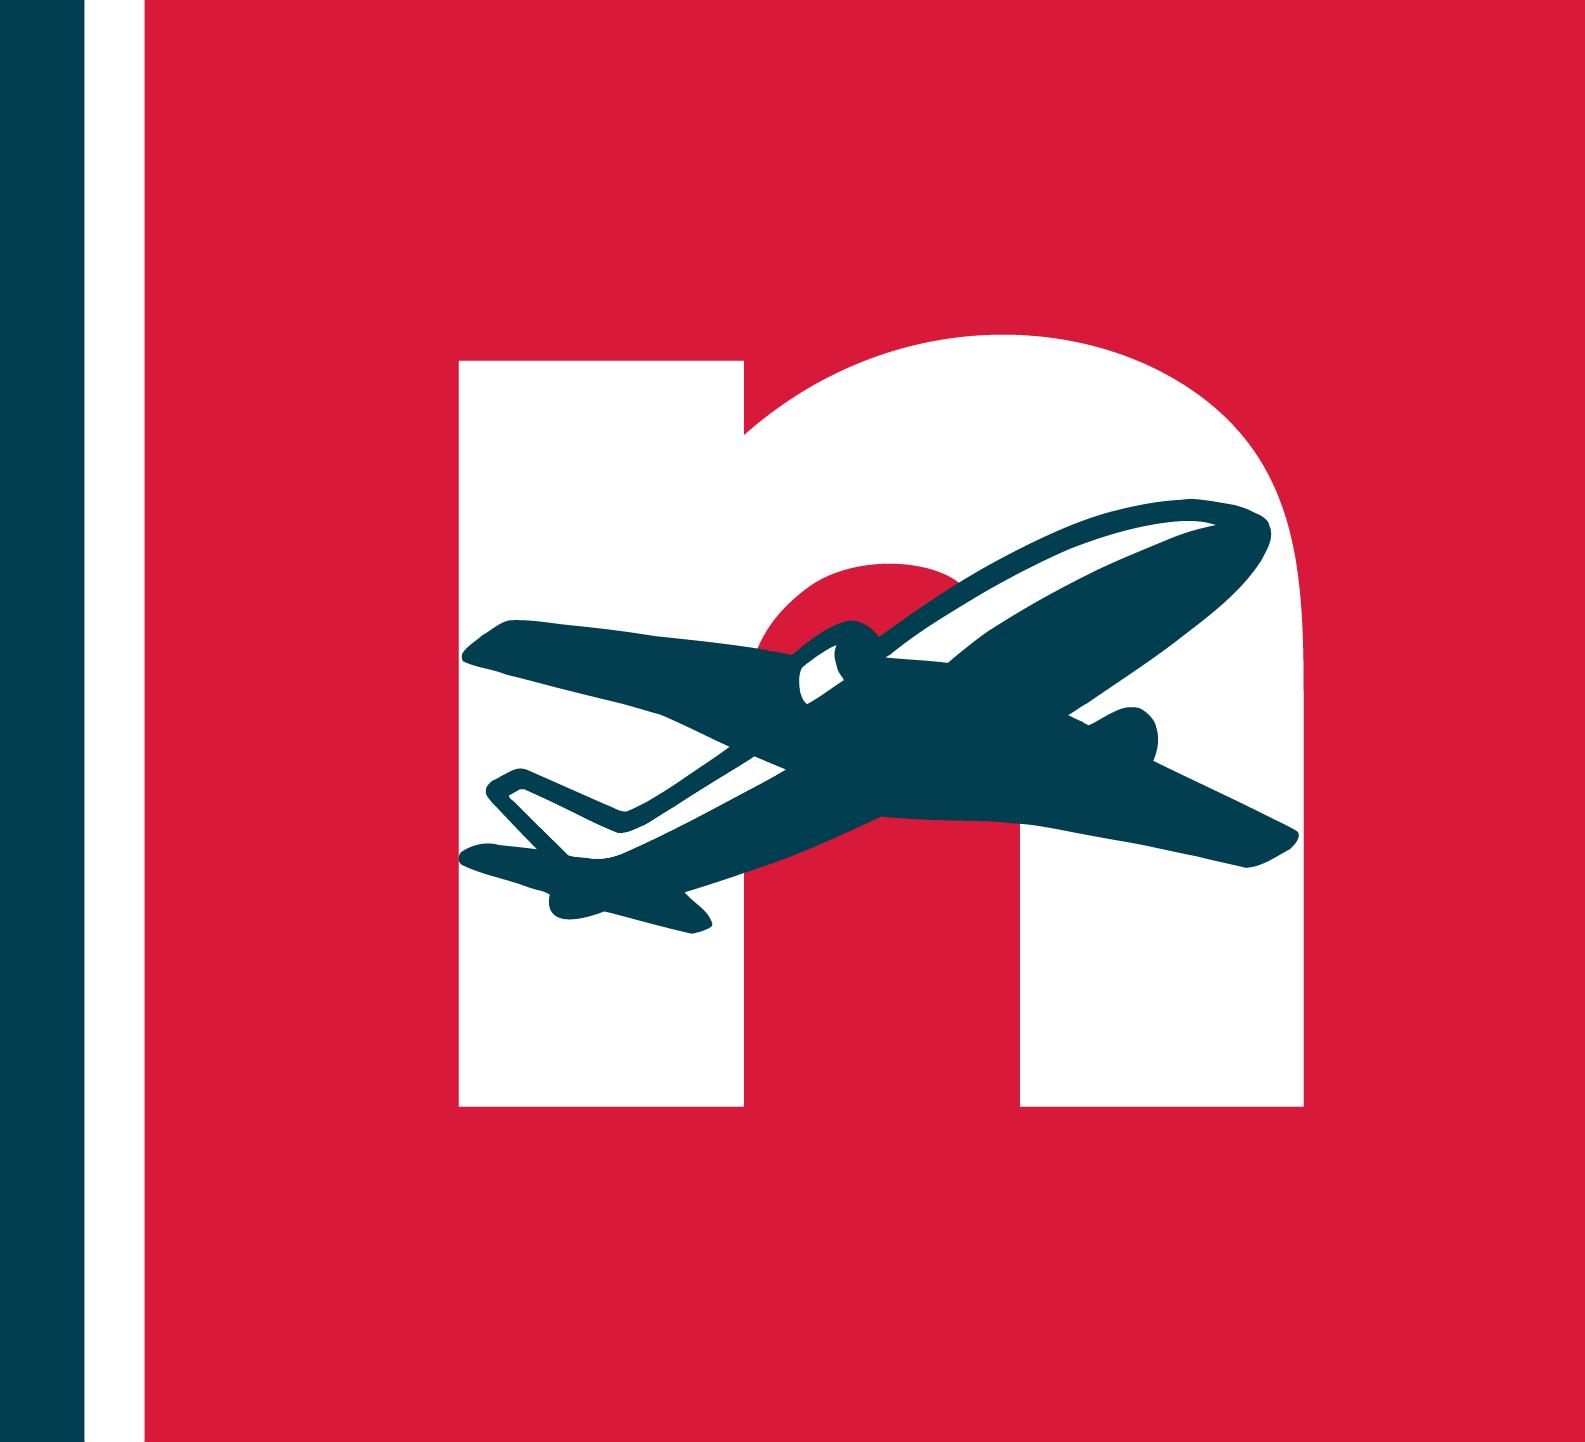 Norwegian Airlines Argentina